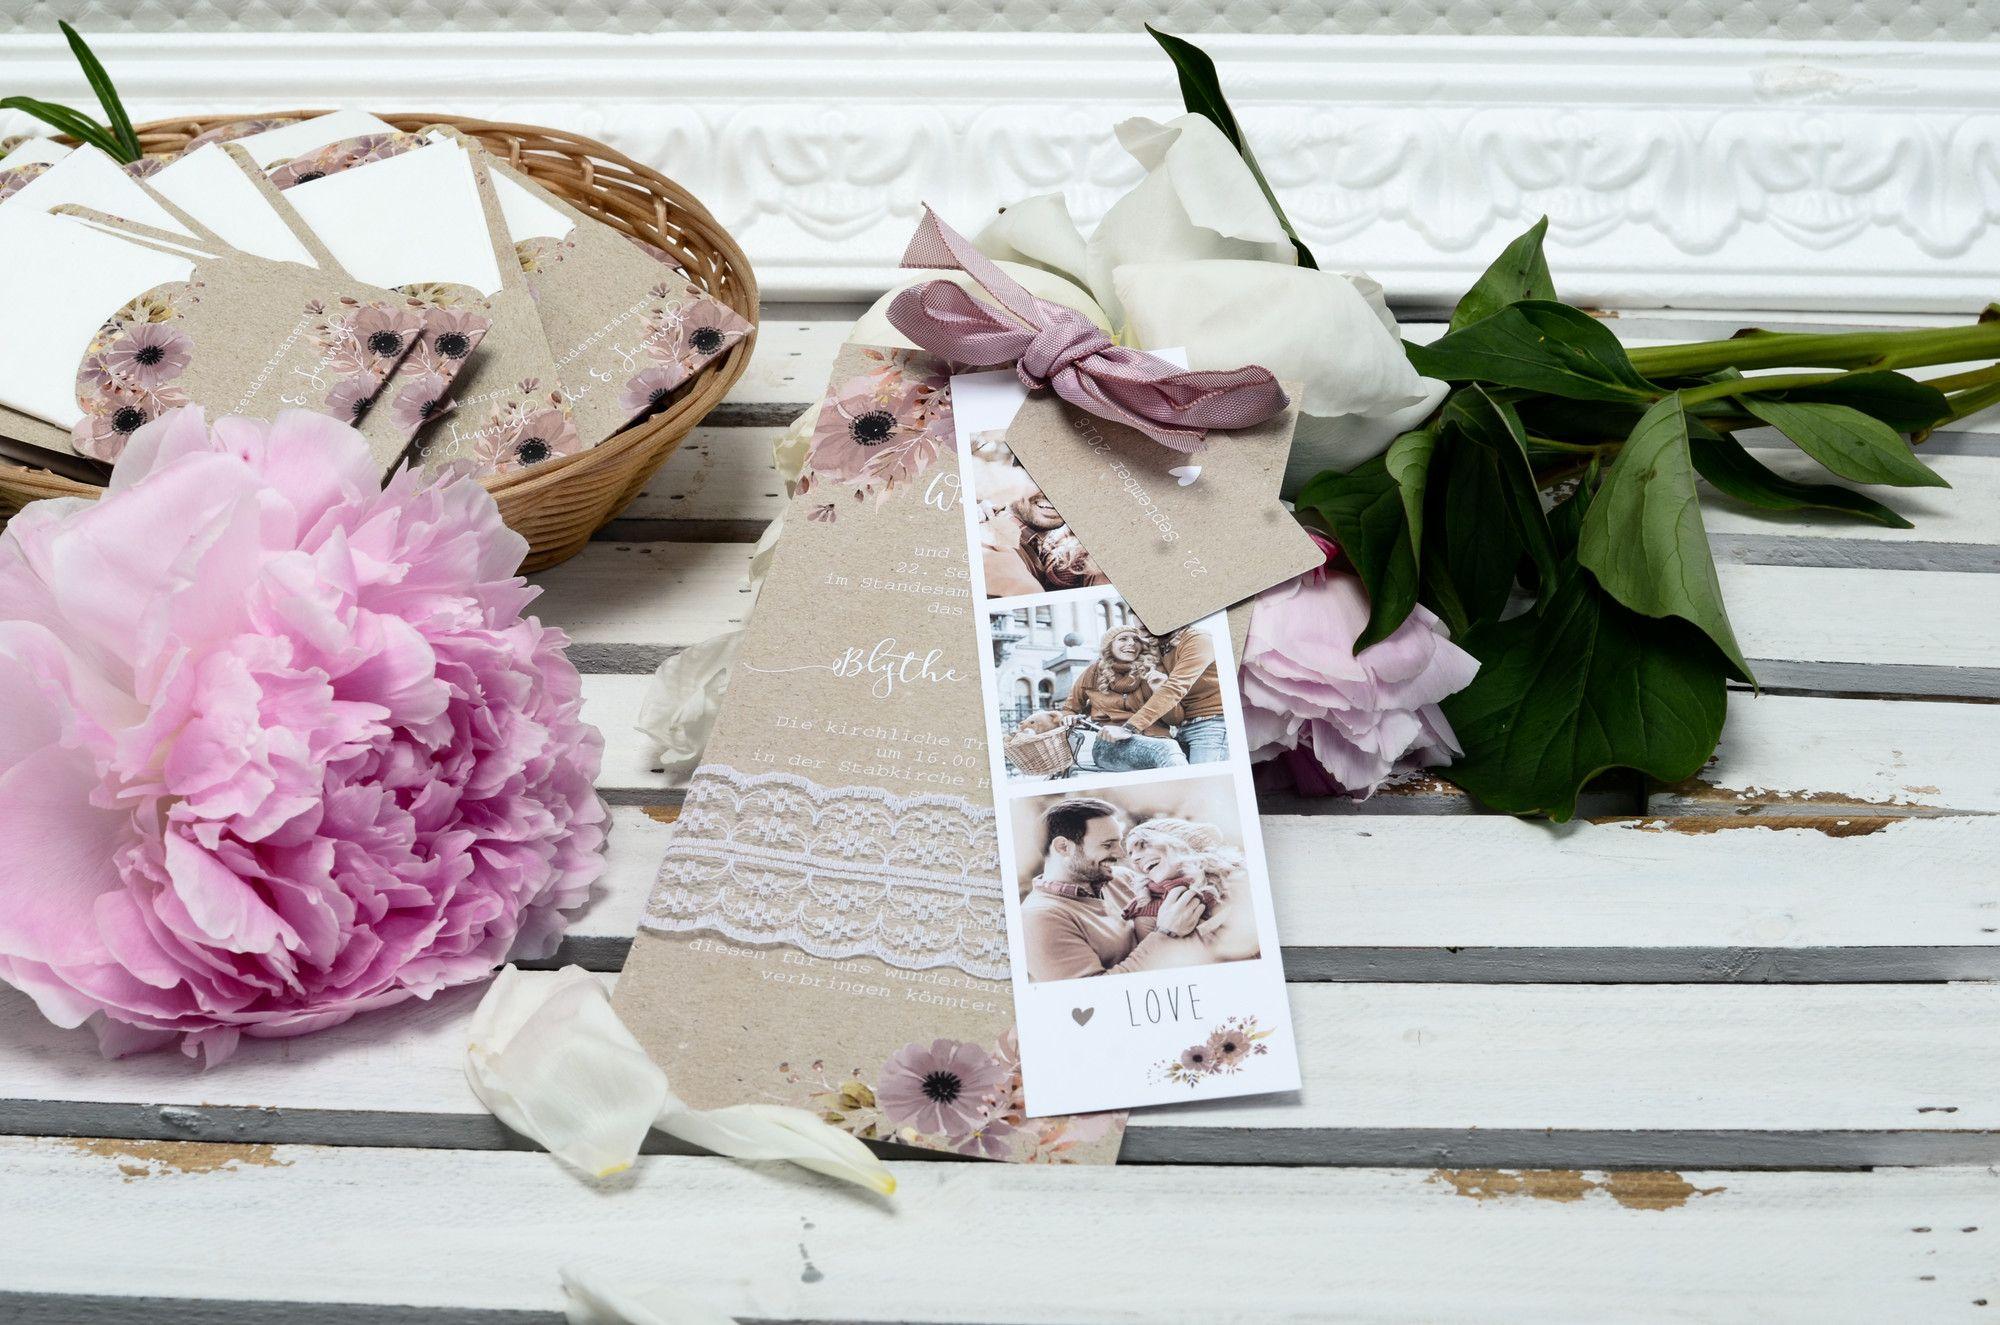 Vintage einladung zur hochzeit im ausgefallenen design als for Hochzeitseinladungen vintage mit spitze